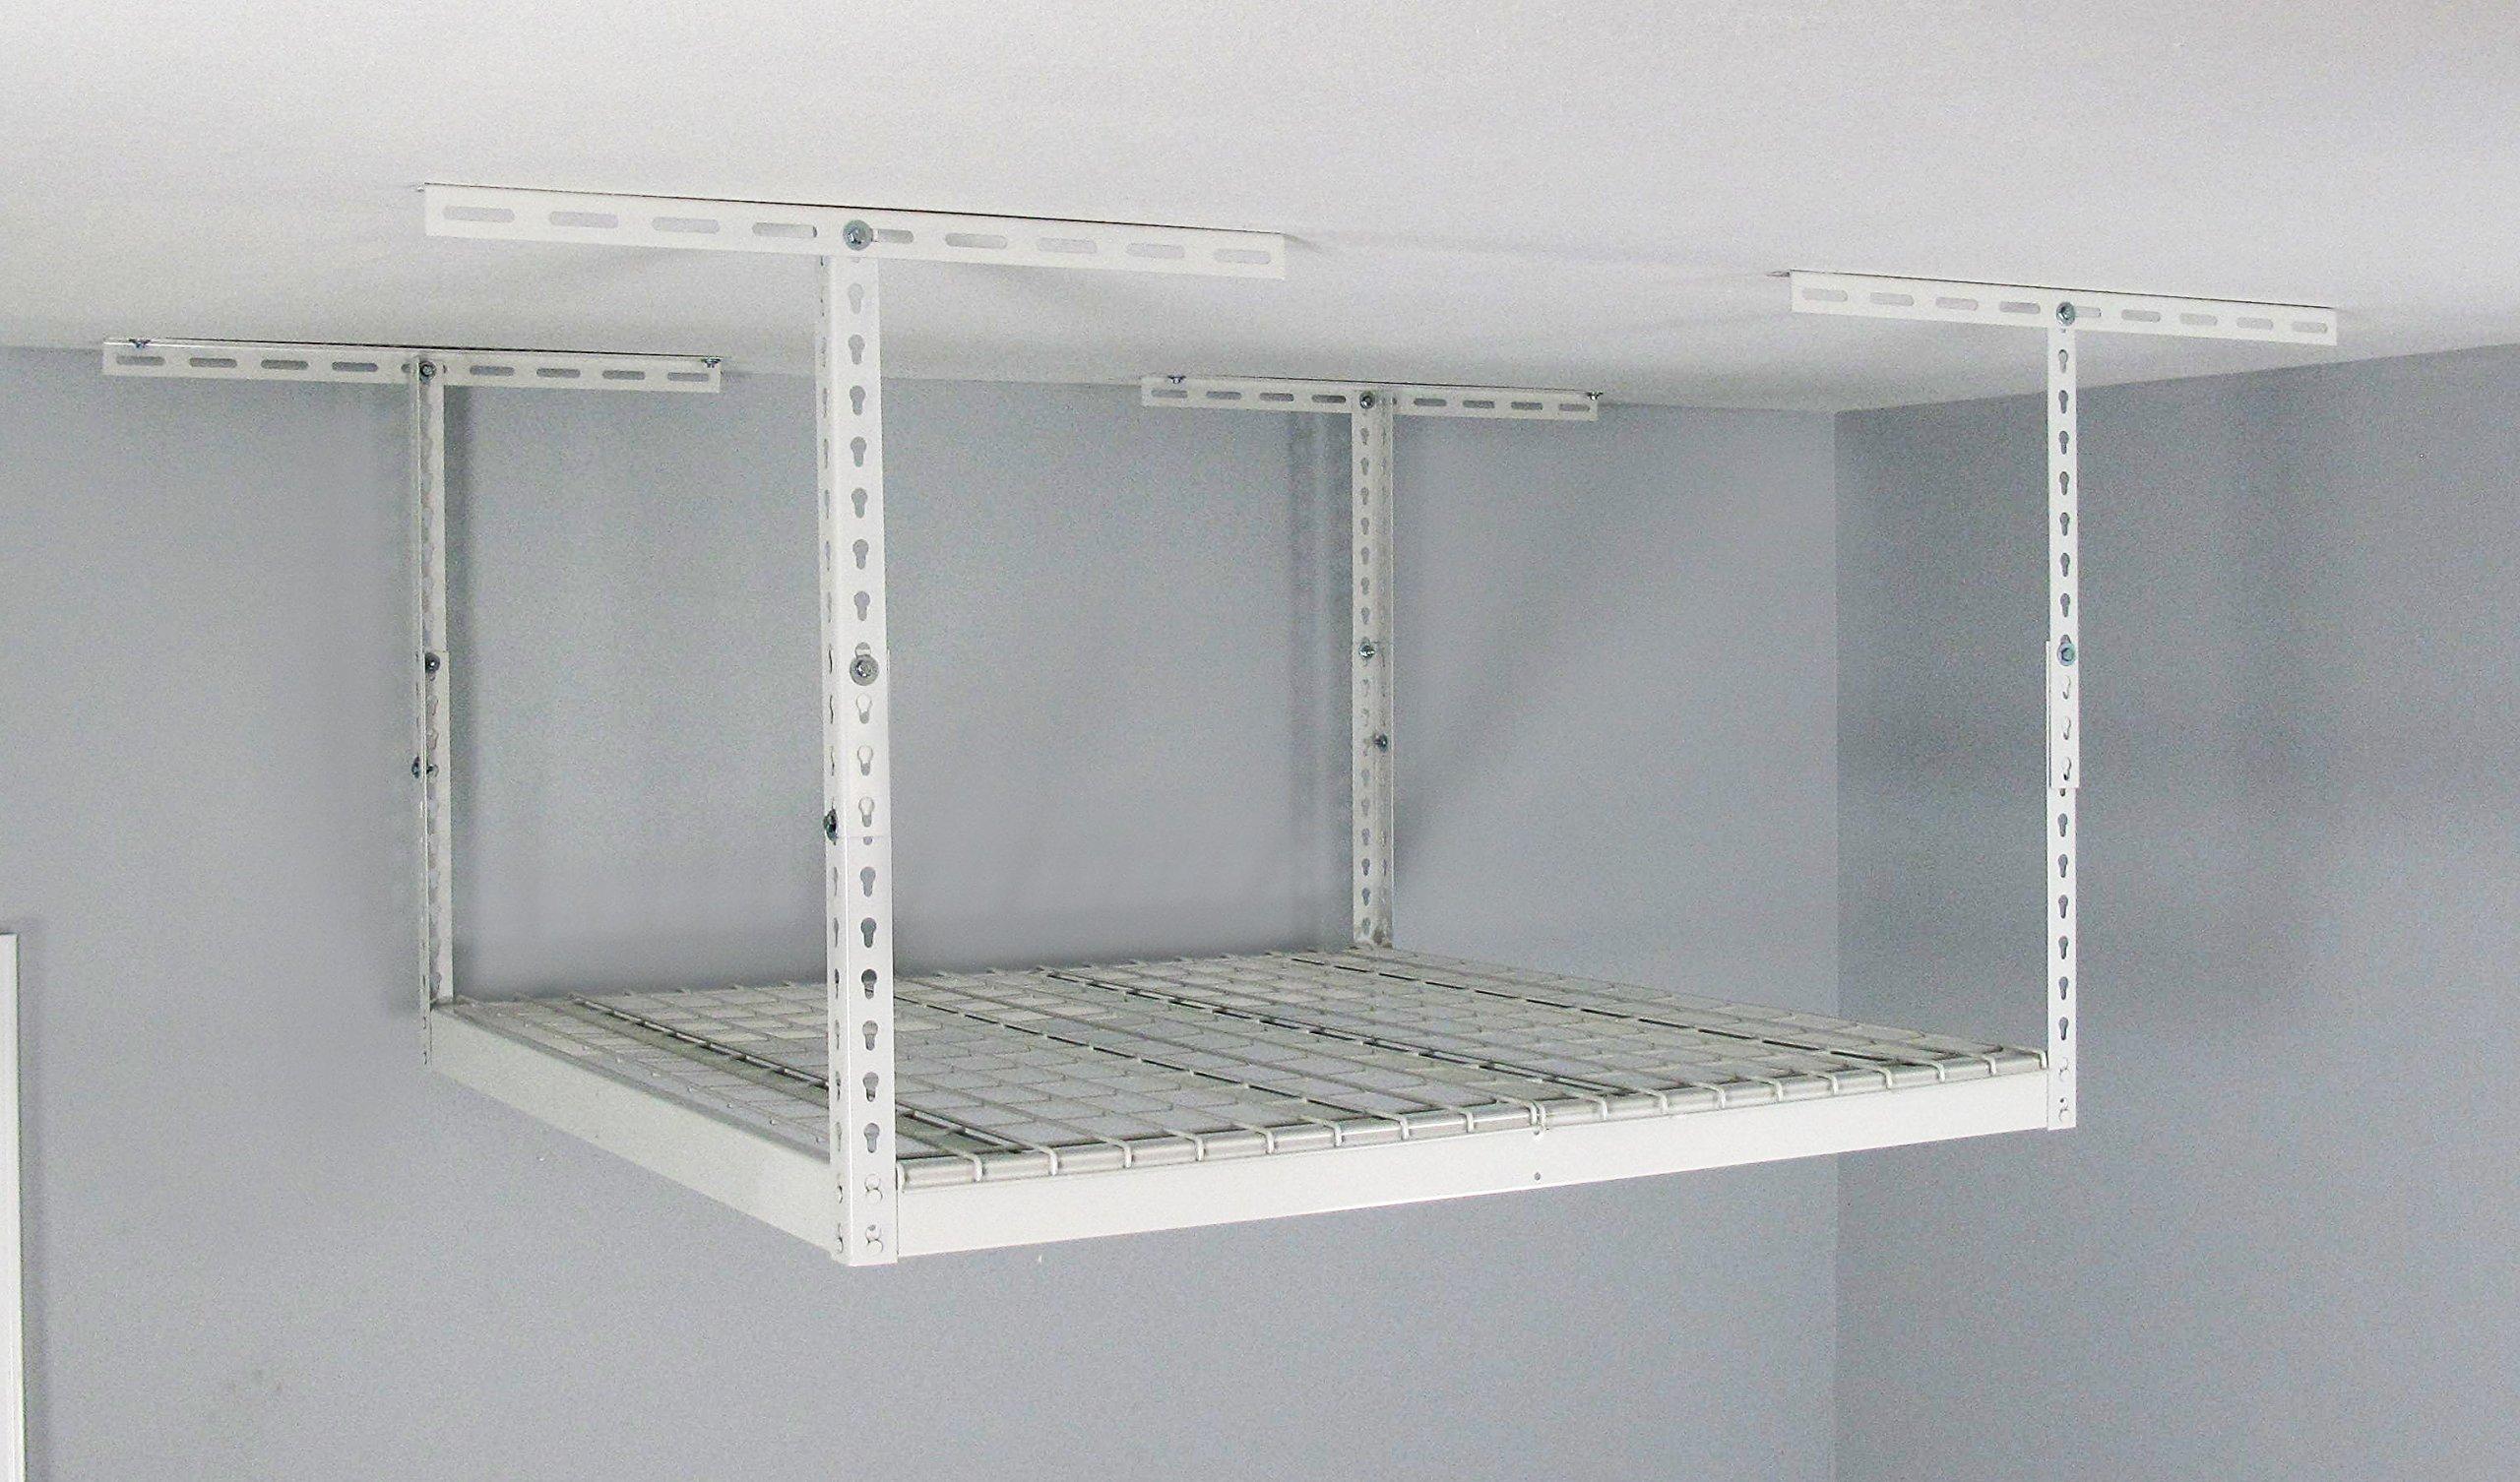 MonsterRAX Overhead Garage Storage Rack, 4' x4', White